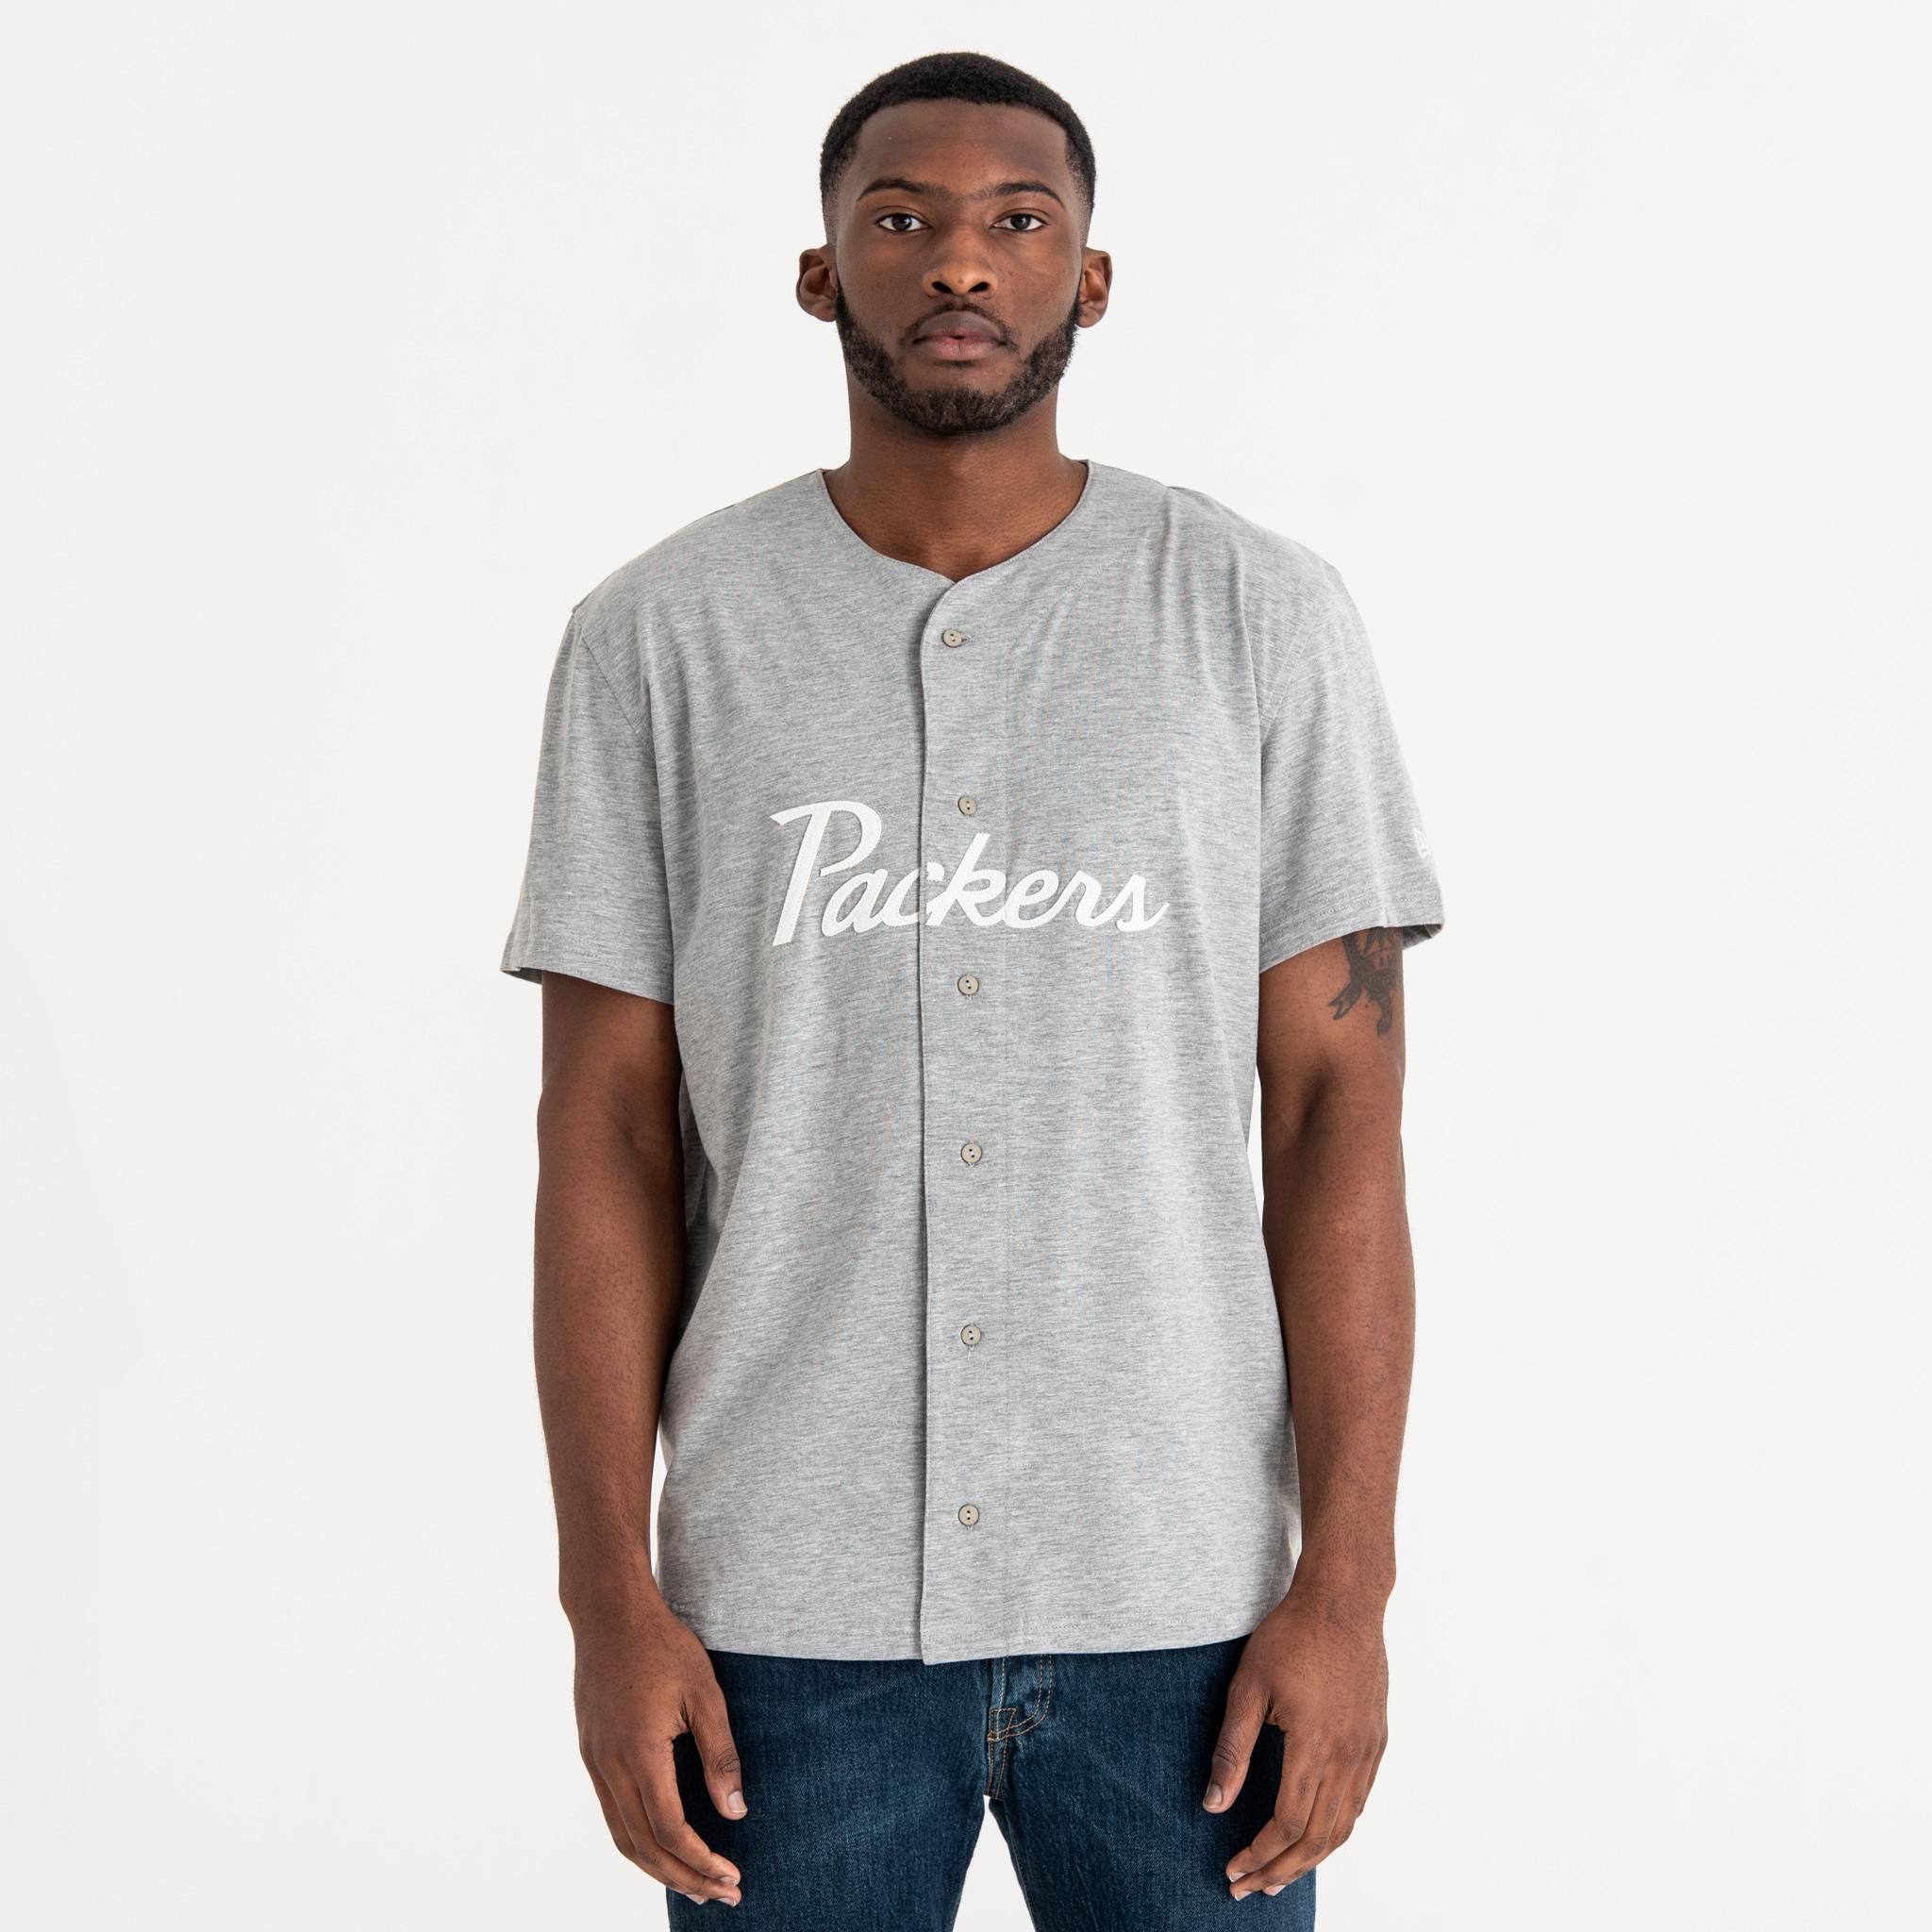 T-shirt Green Bay Packers Script Button Up